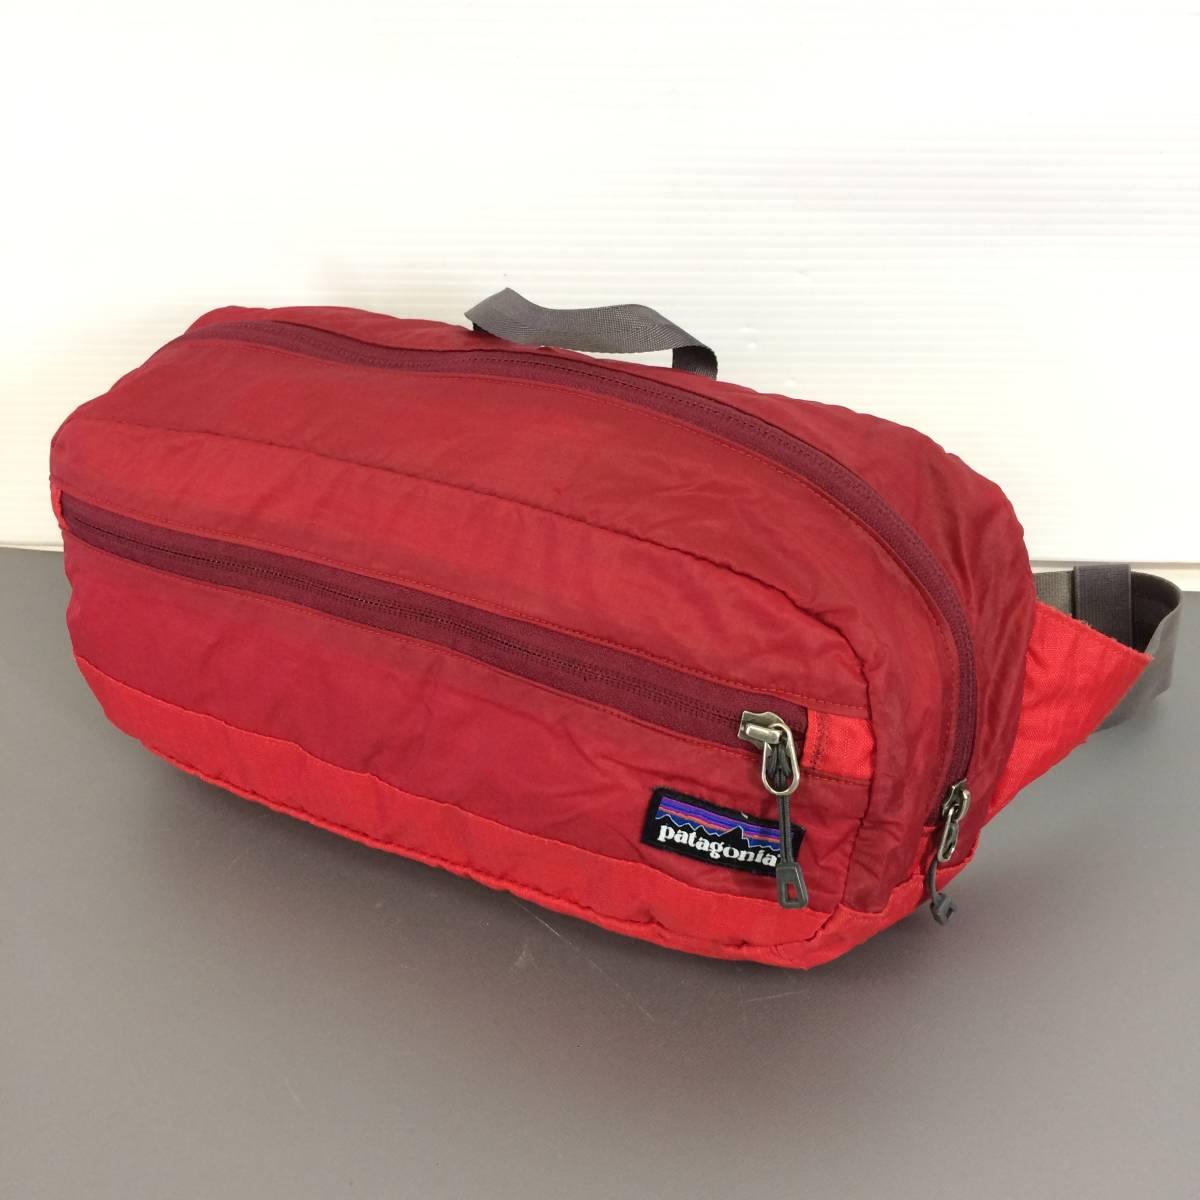 patagonia パタゴニア 48450FA13 LW Travel Hip Pack ライトウェイト トラベル ヒップパック ショルダーバッグ 赤 レッド②